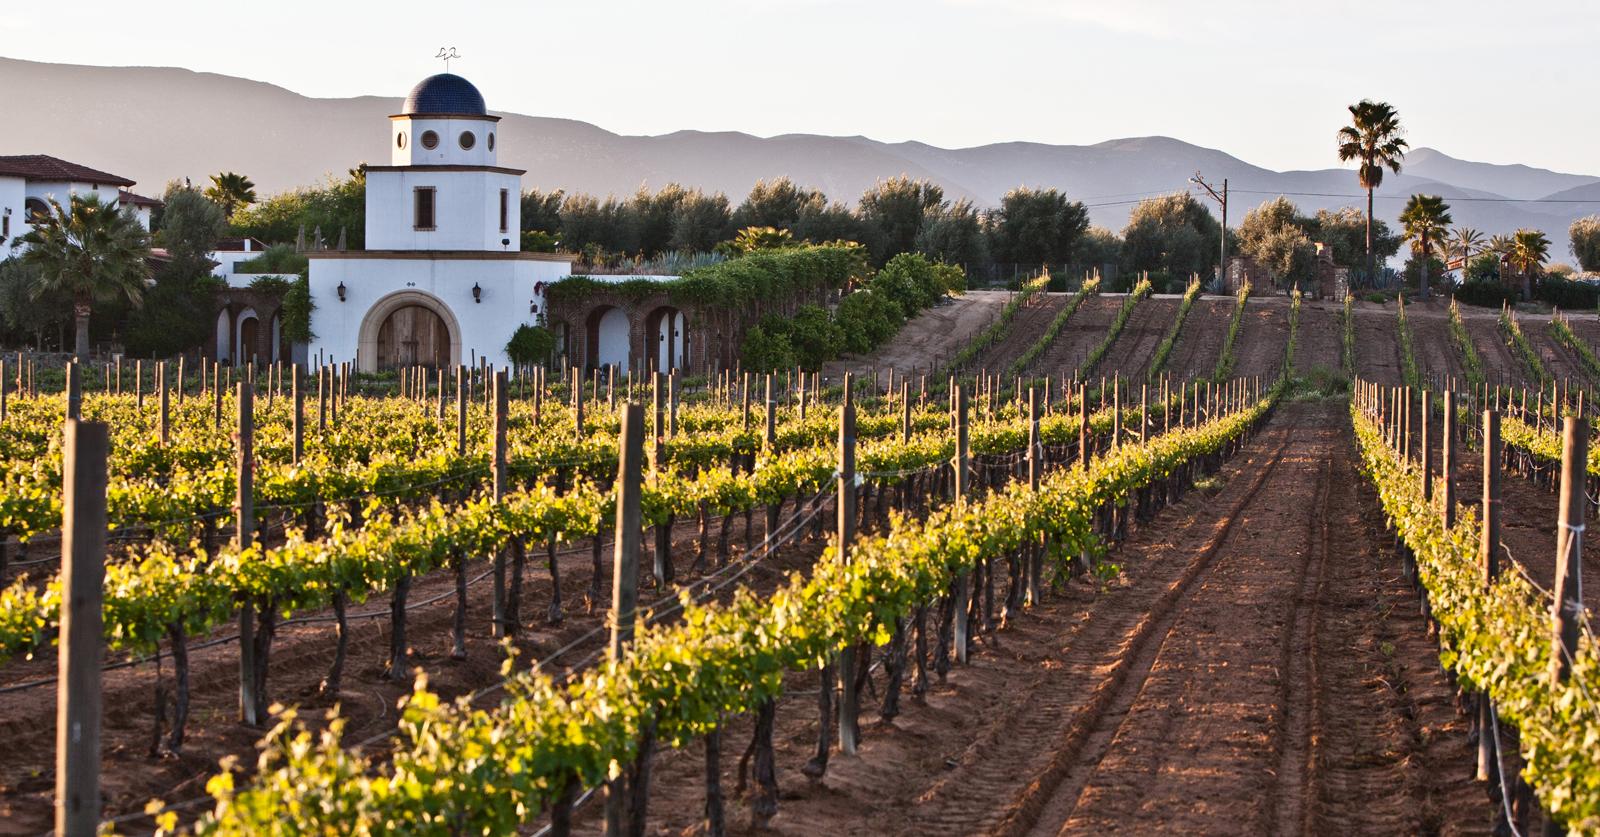 Valle de Guadalupe es reconocido por una zona vinícola de tradición.